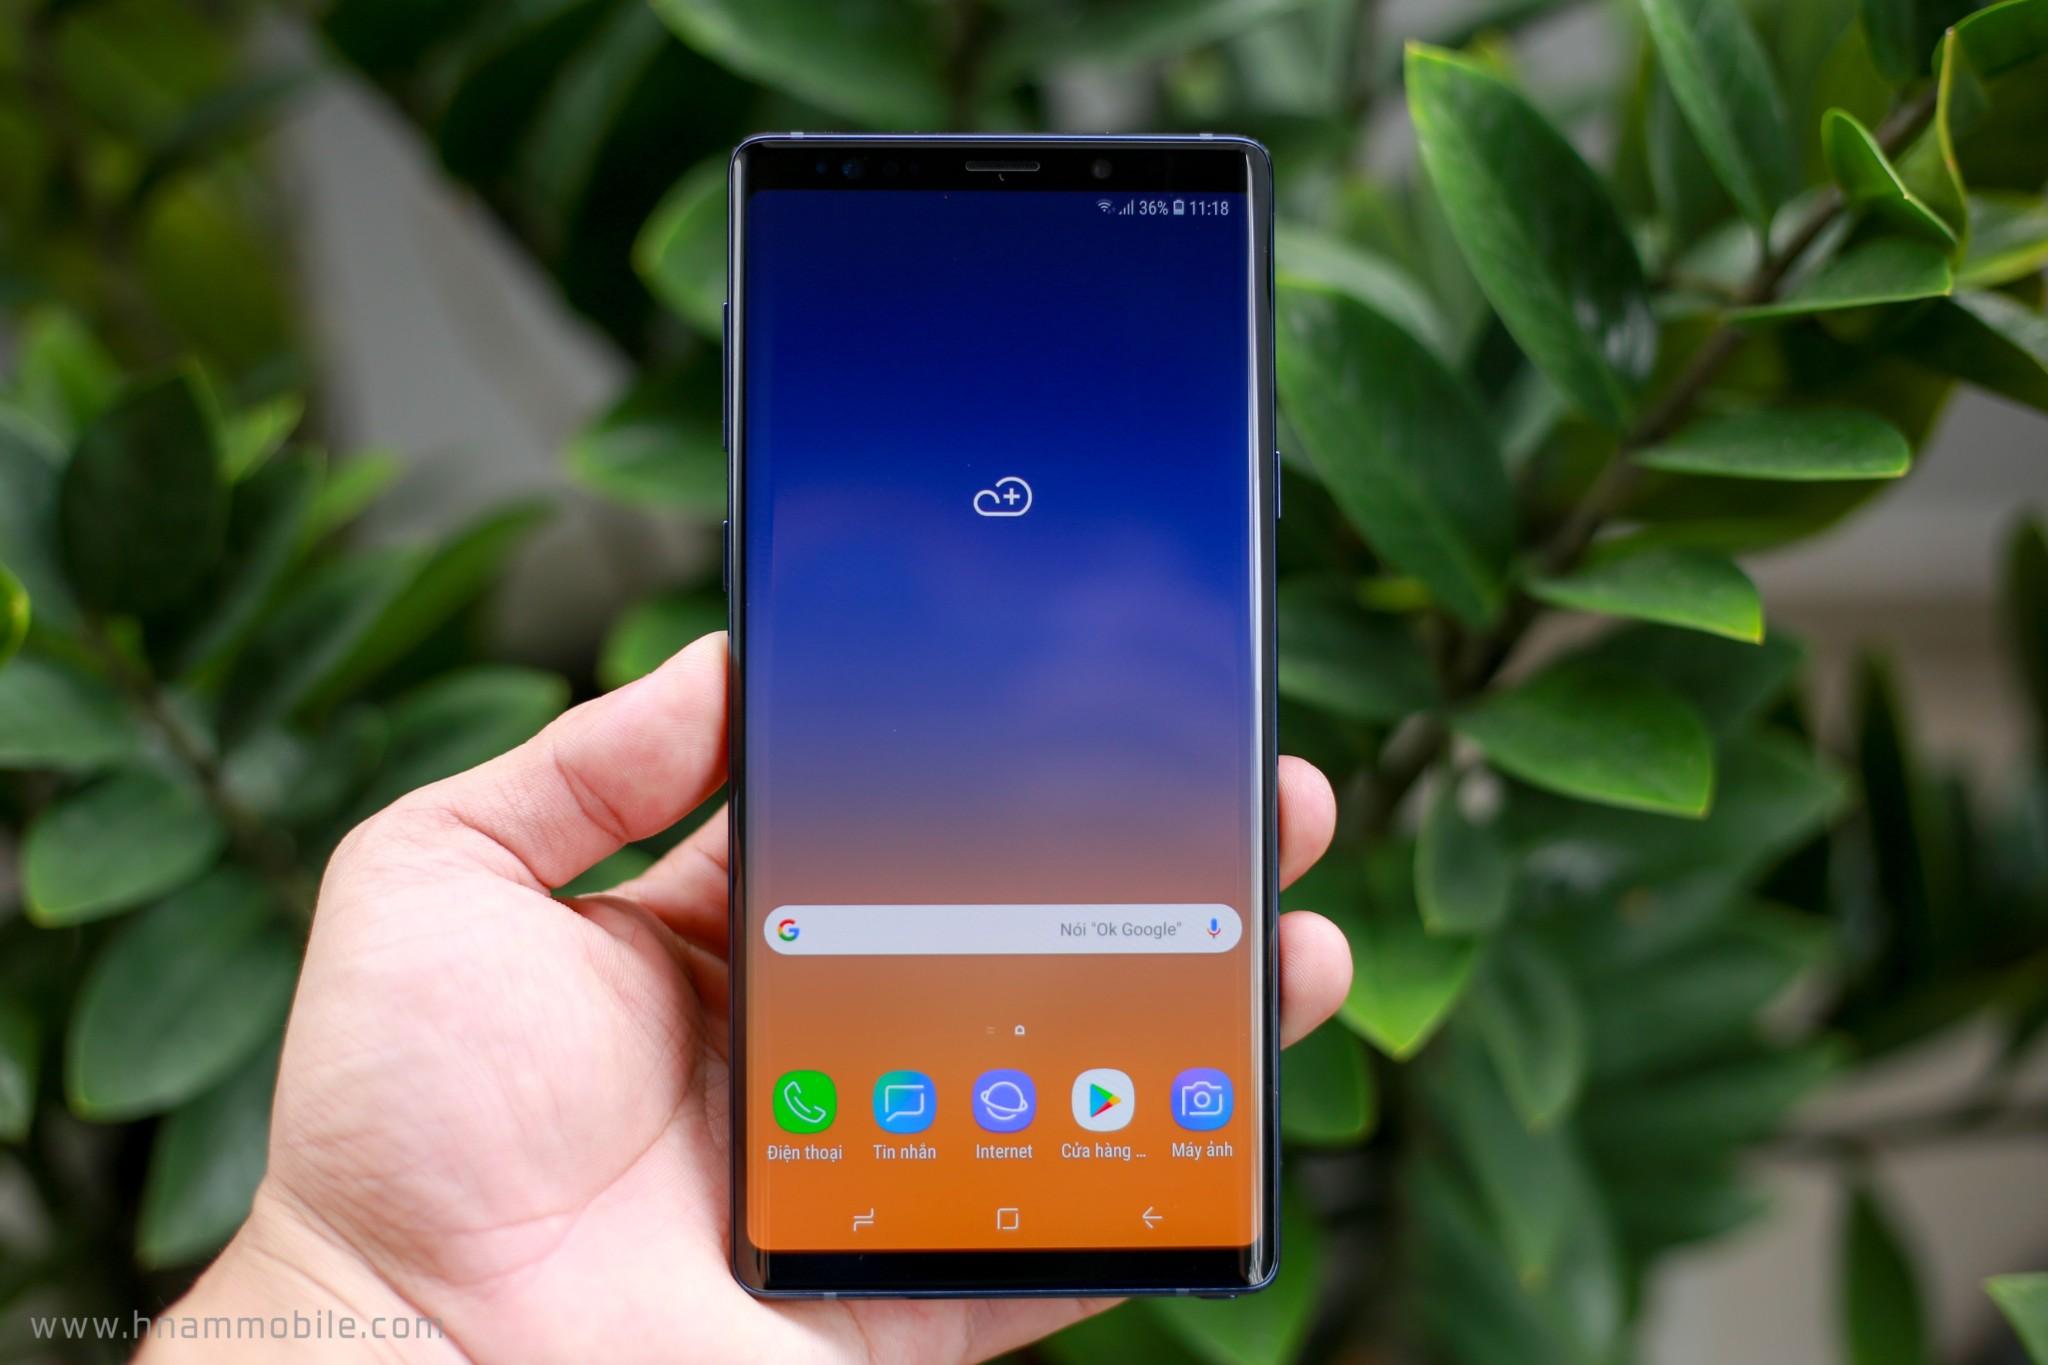 Đập hộp Galaxy Note 9 chính hãng phiên bản 512GB bán tại Việt Nam hình 14